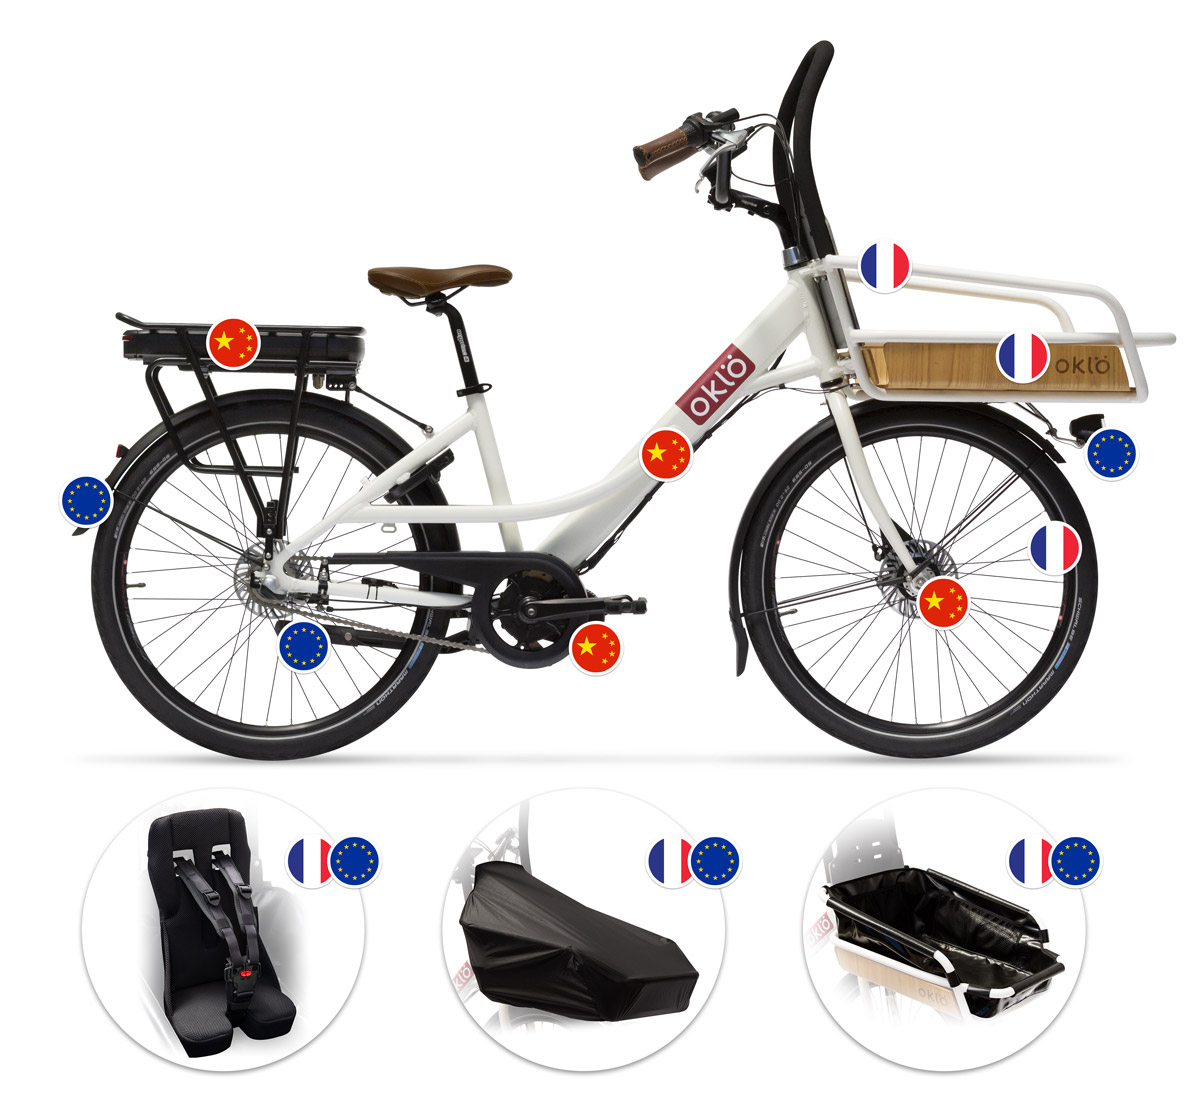 aperçu de la provenance des composants d'un vélo Oklö